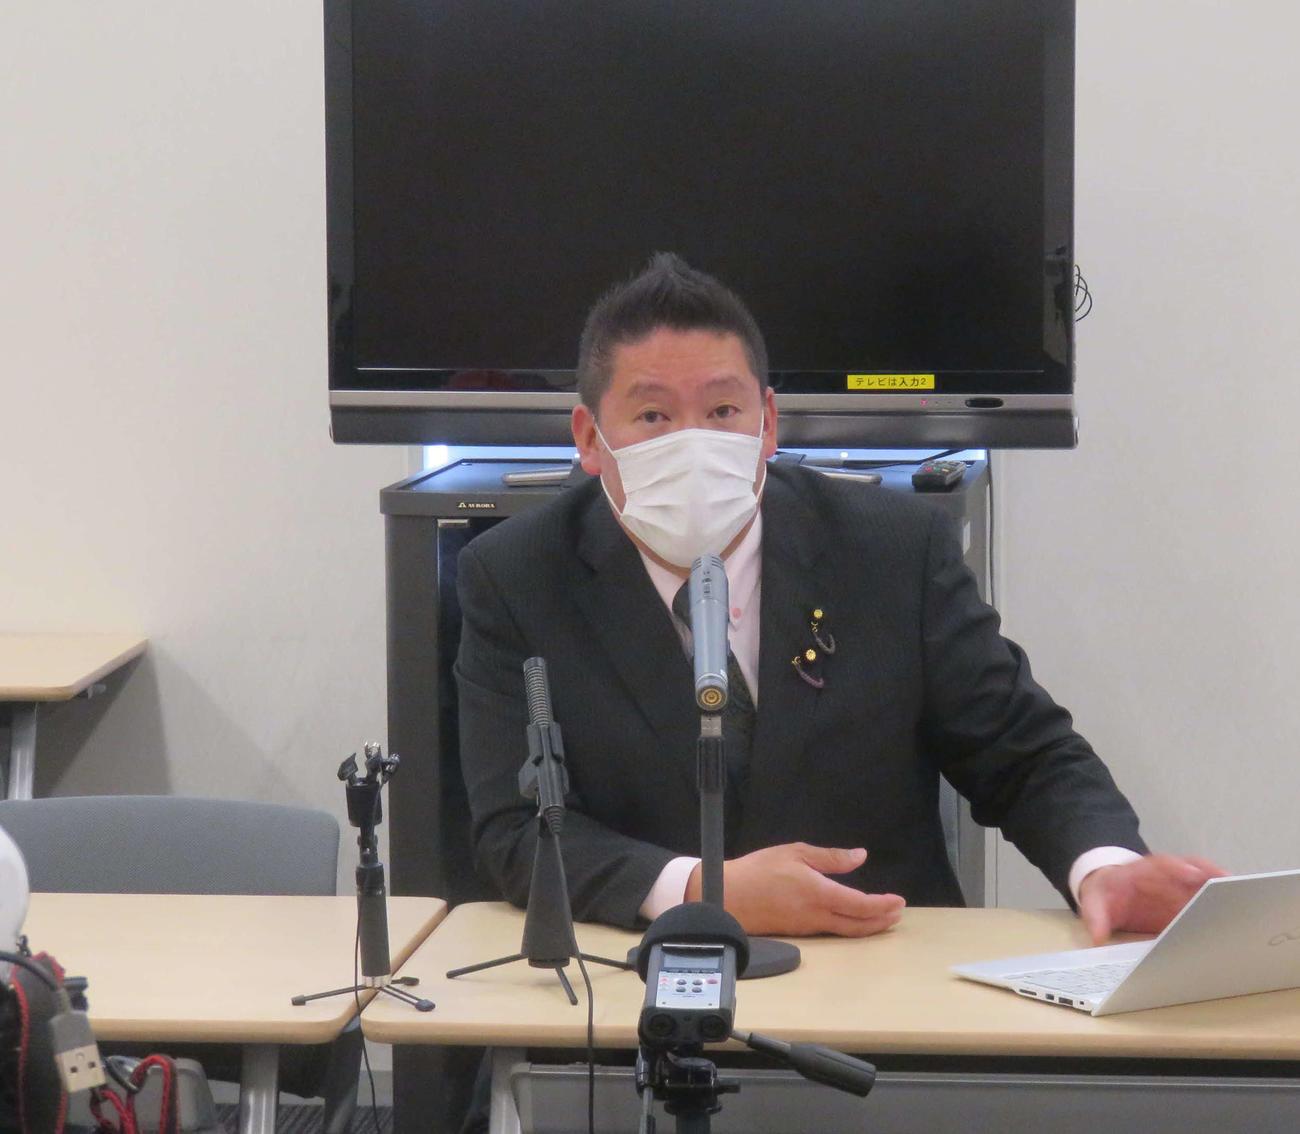 NHK党の立花孝志党首が「諸派党(仮称)」に党名変更して、次期衆院選に臨むことを発表した